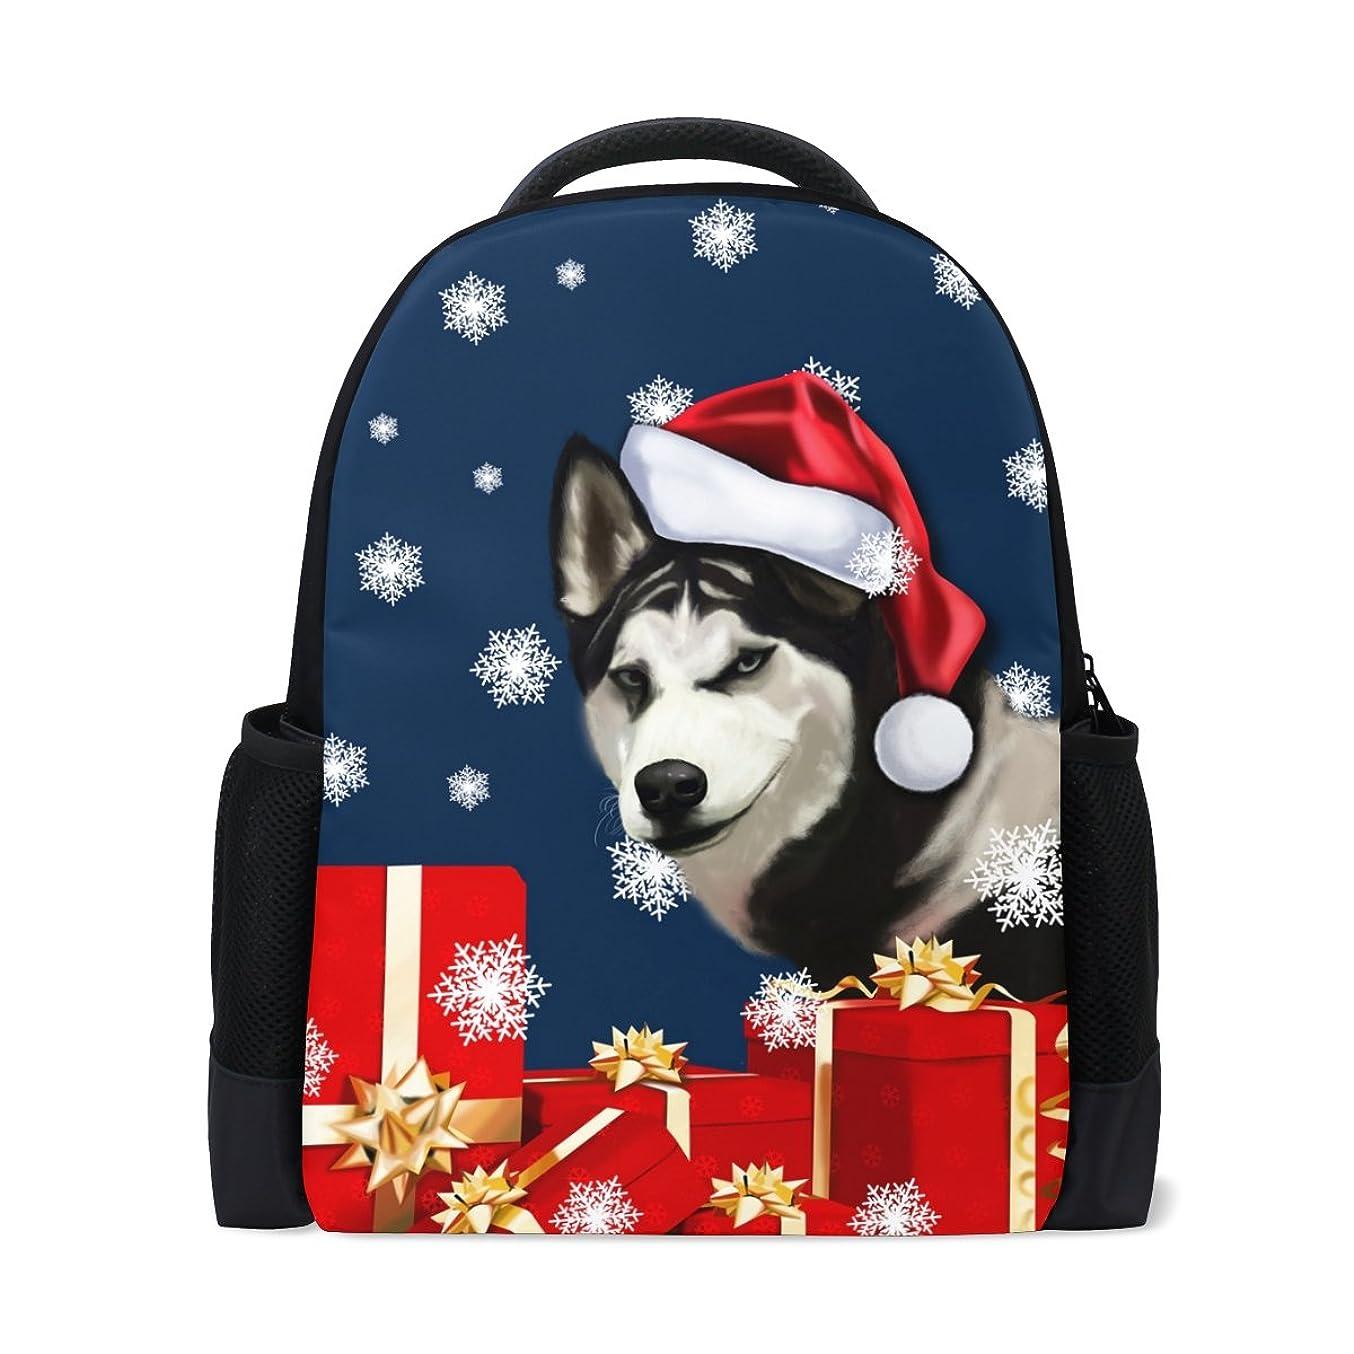 真っ逆さま放棄する価値マキク(MAKIKU) リュック 大容量 おしゃれ レディース 軽量 メンズ 通学 クリスマス ハスキー かわいい 犬柄 高校生 中学生 リュックサック プレゼント対応